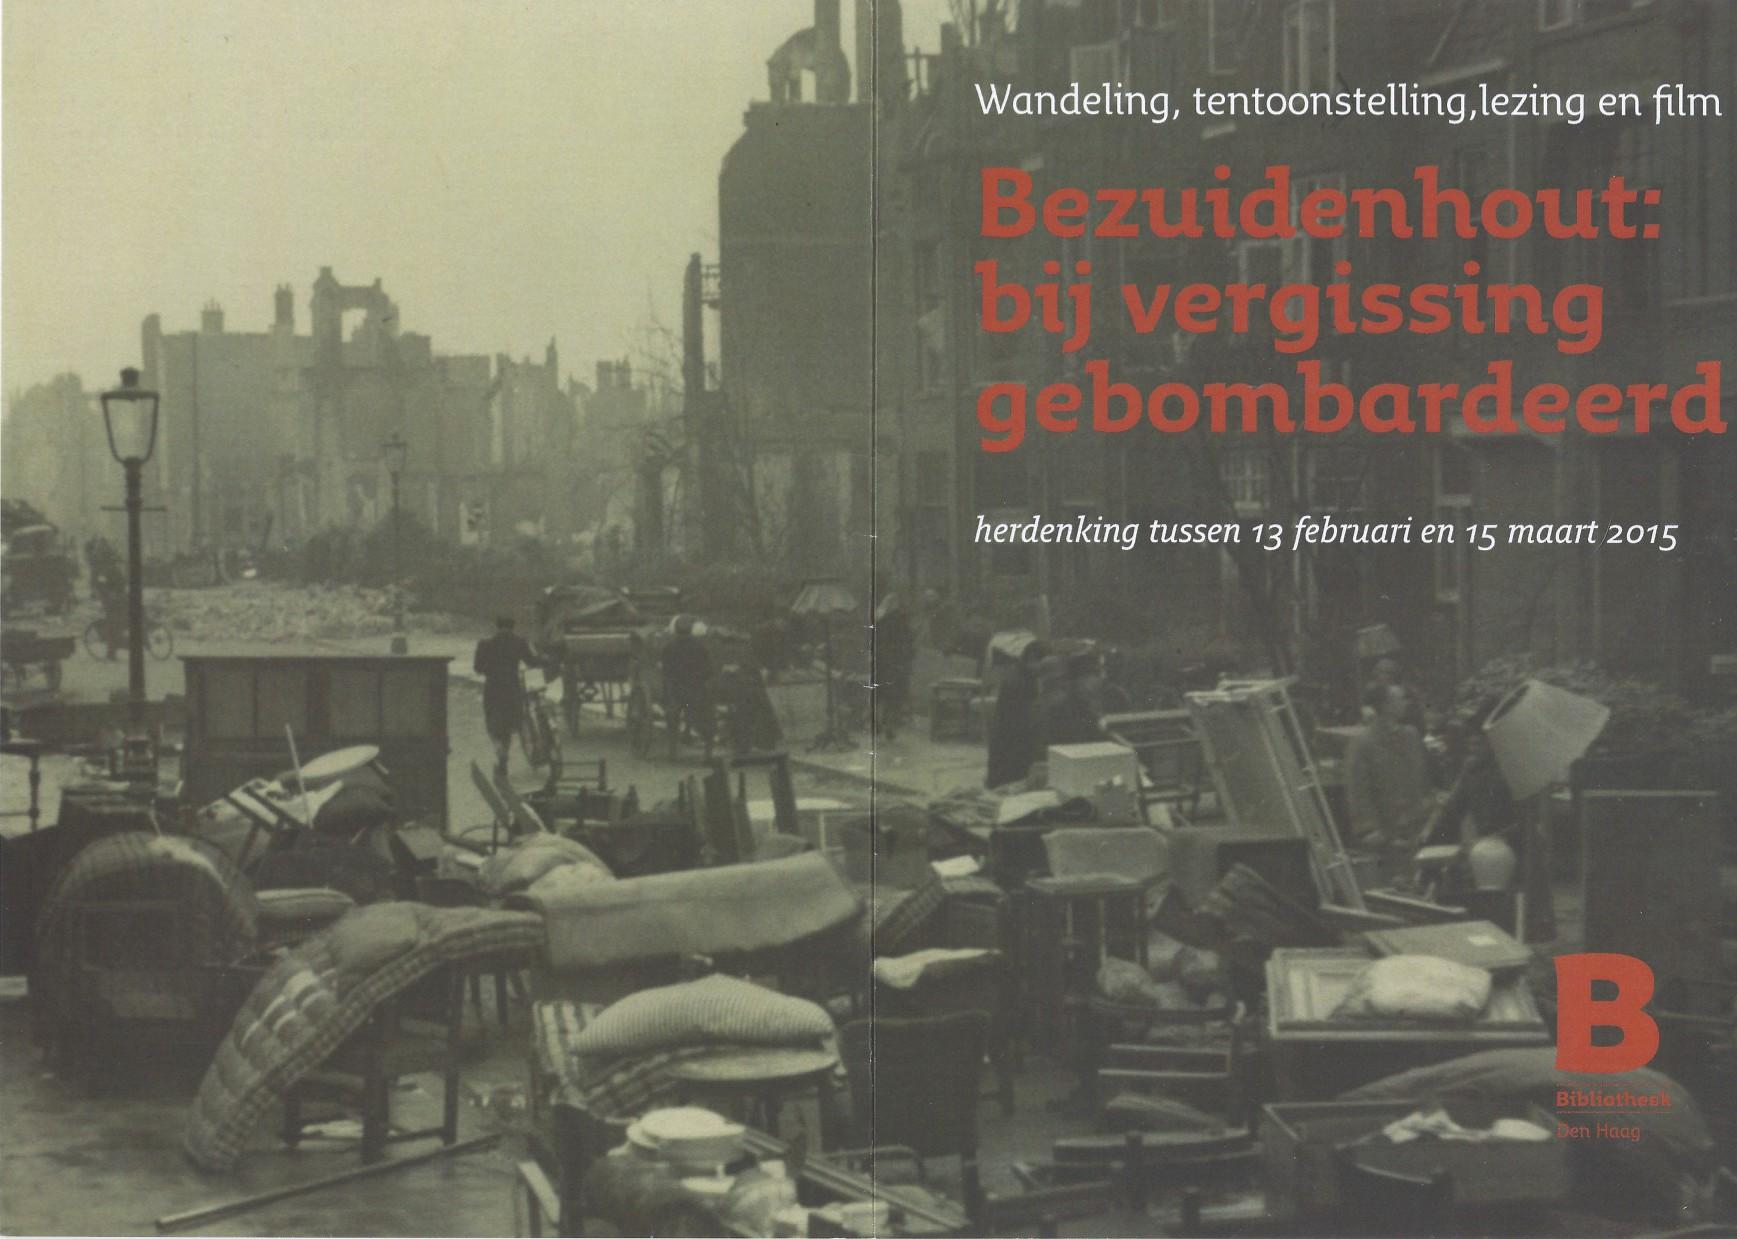 Bezuidenhout gebombardeerd